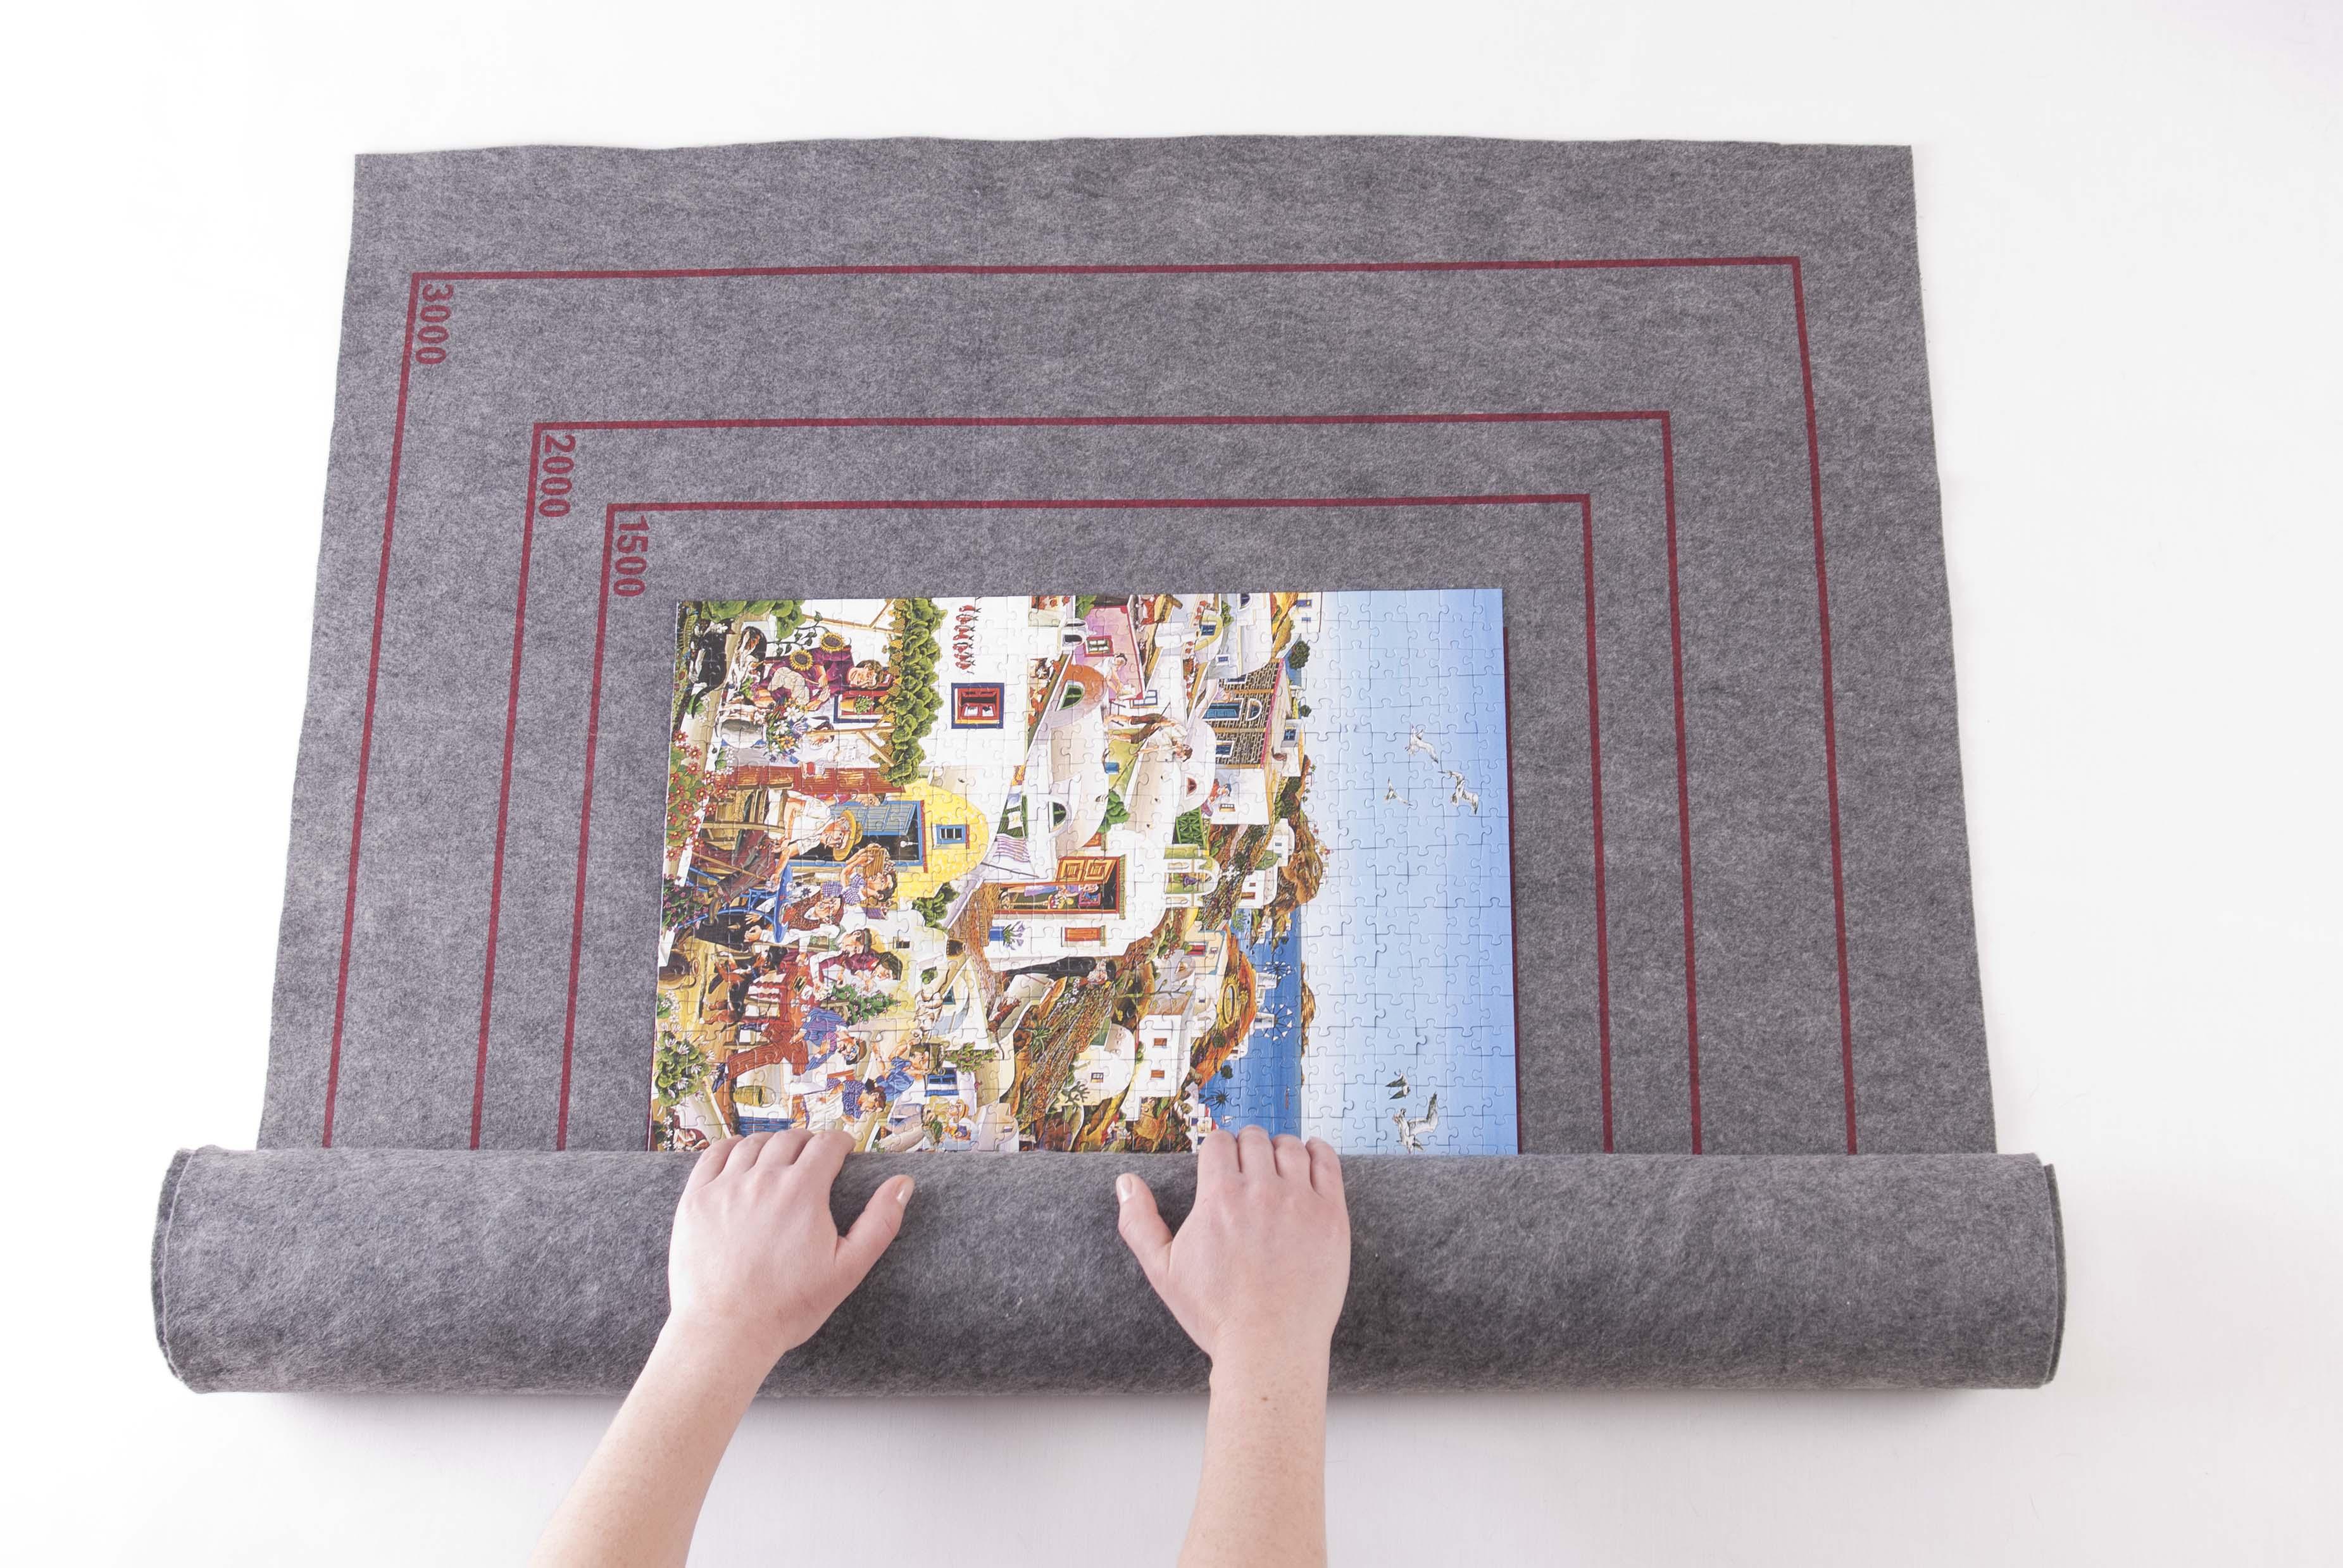 Trefl 60203 Mat Jigsaw Puzzles Jigsaw Puzzle